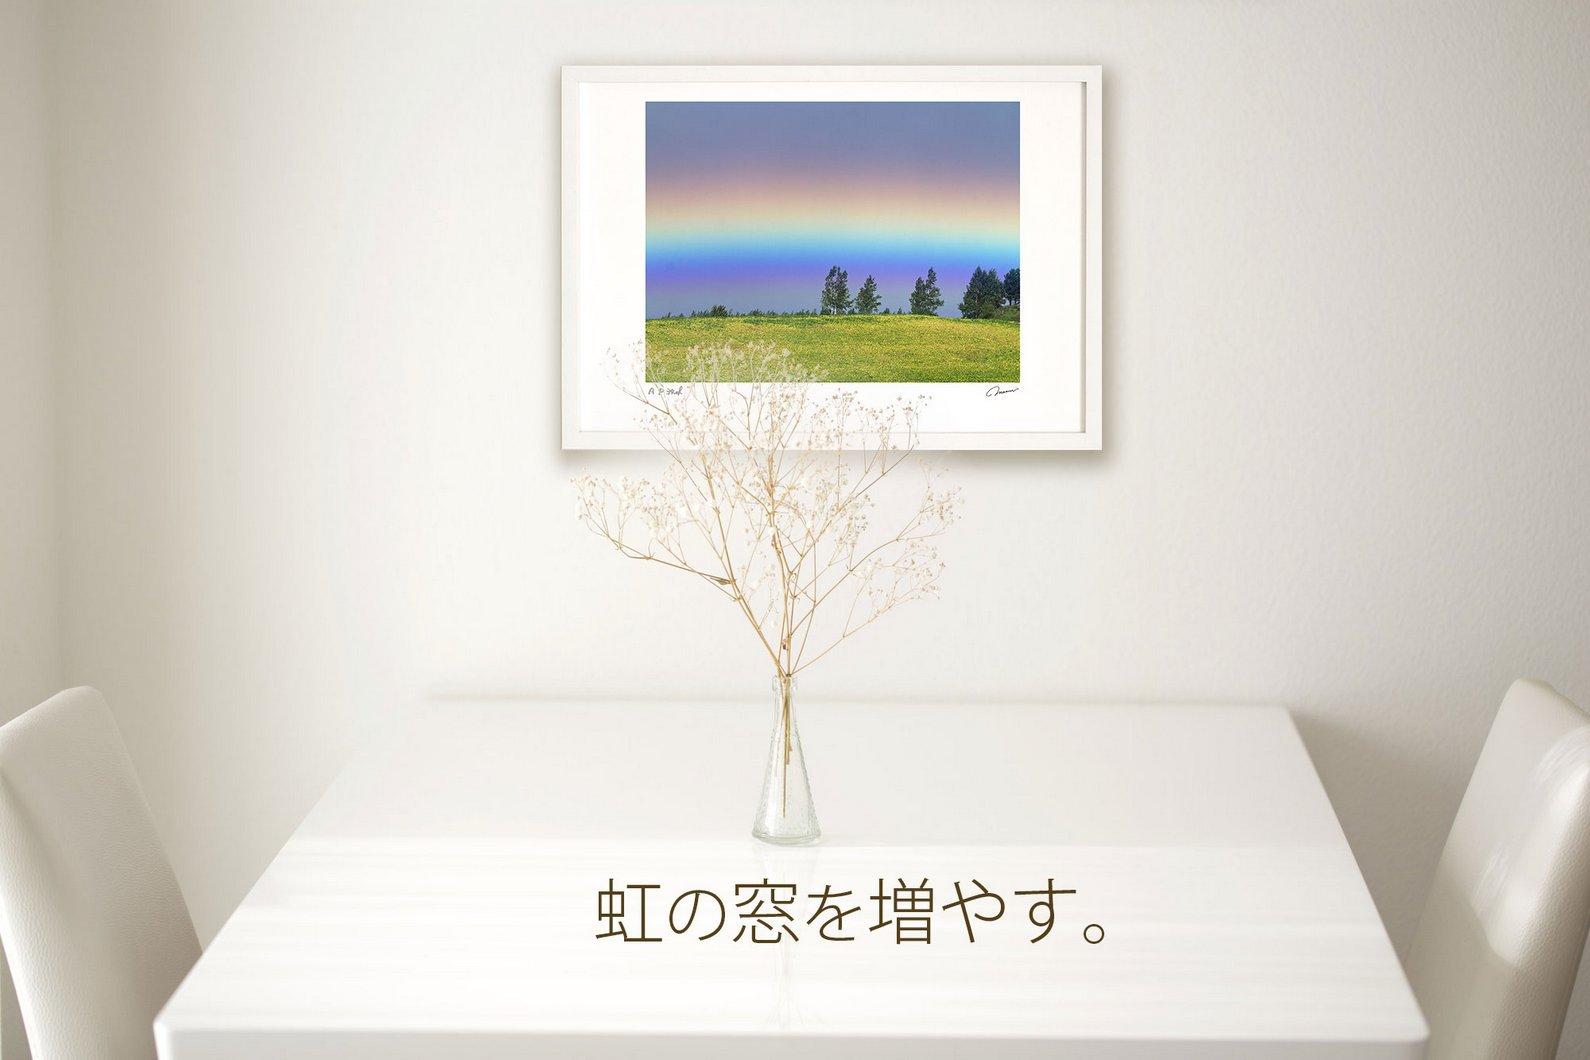 《アートフォト》新緑と桜1/富良野市〔富良野・高橋真澄〕(レンタル対象)